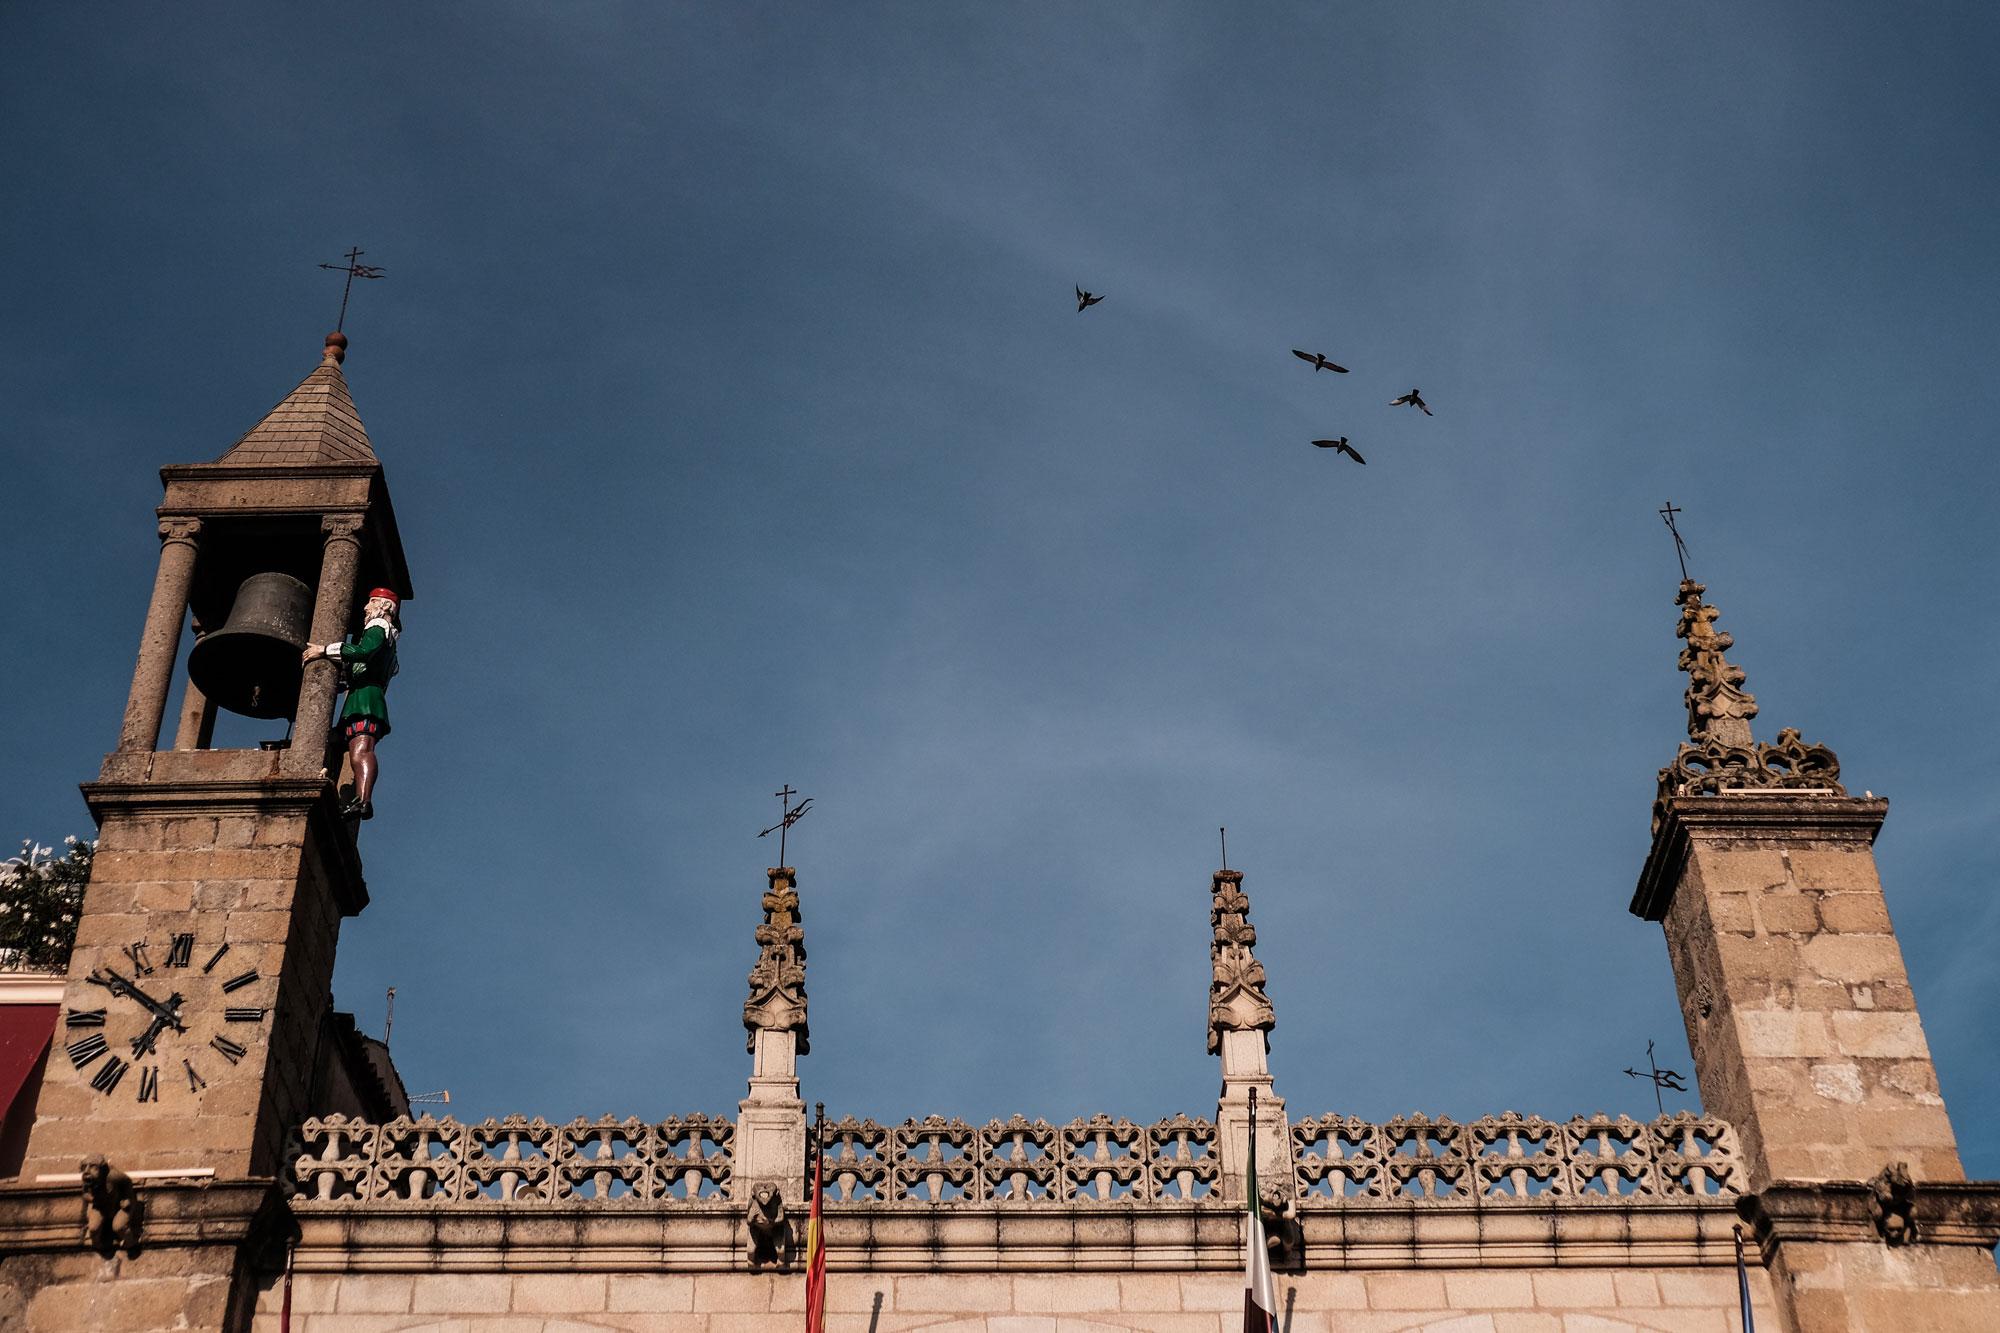 El Abuelo Mayorga, custodio del reloj de la Plaza Mayor, es un icono de la ciudad.